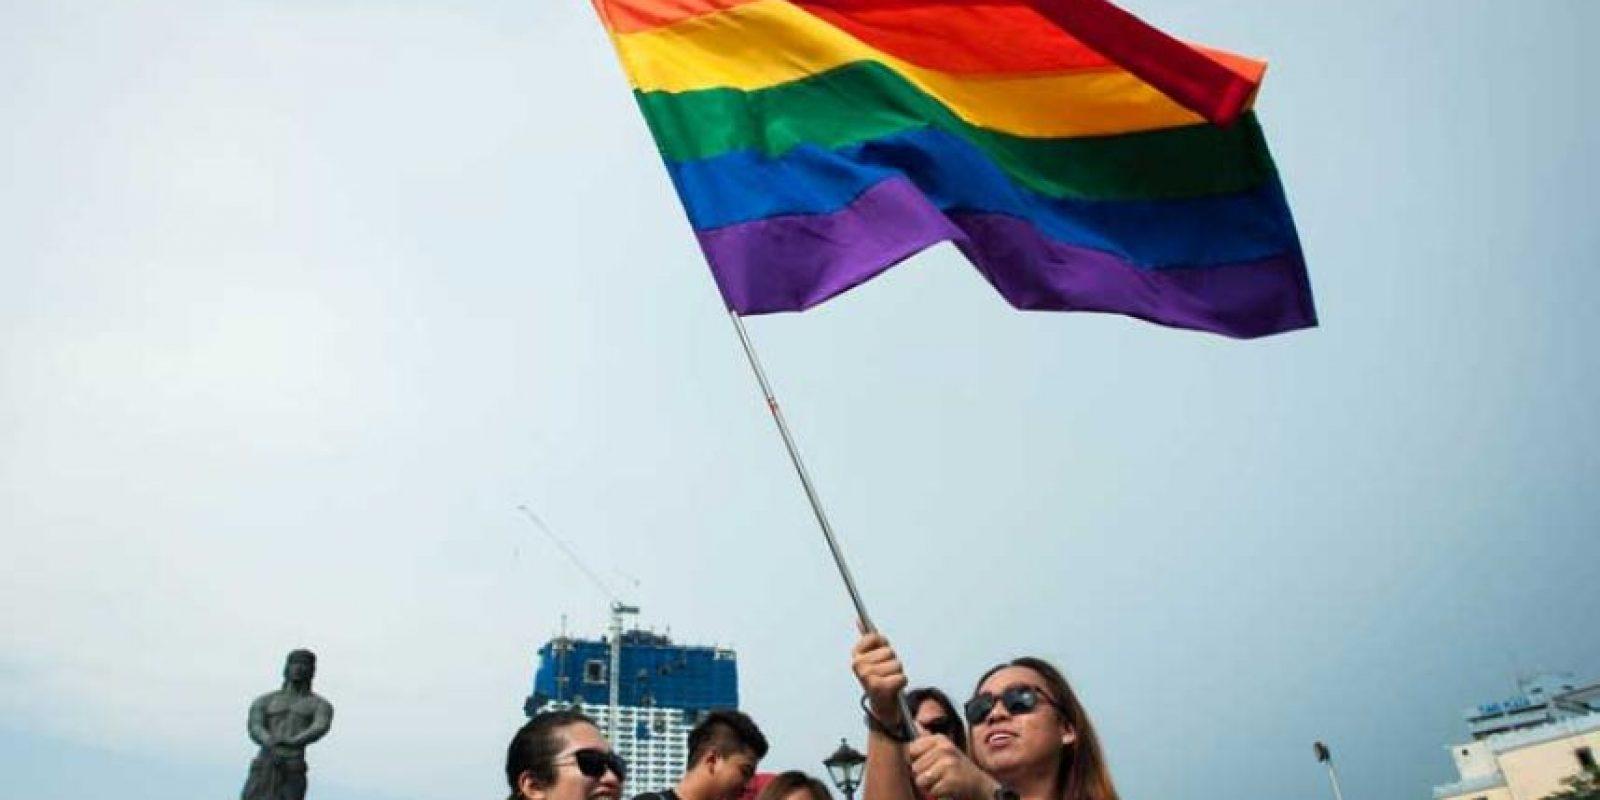 El Día Internacional del Orgullo LGBT se celebra cada 28 de junio. Foto:Getty Images